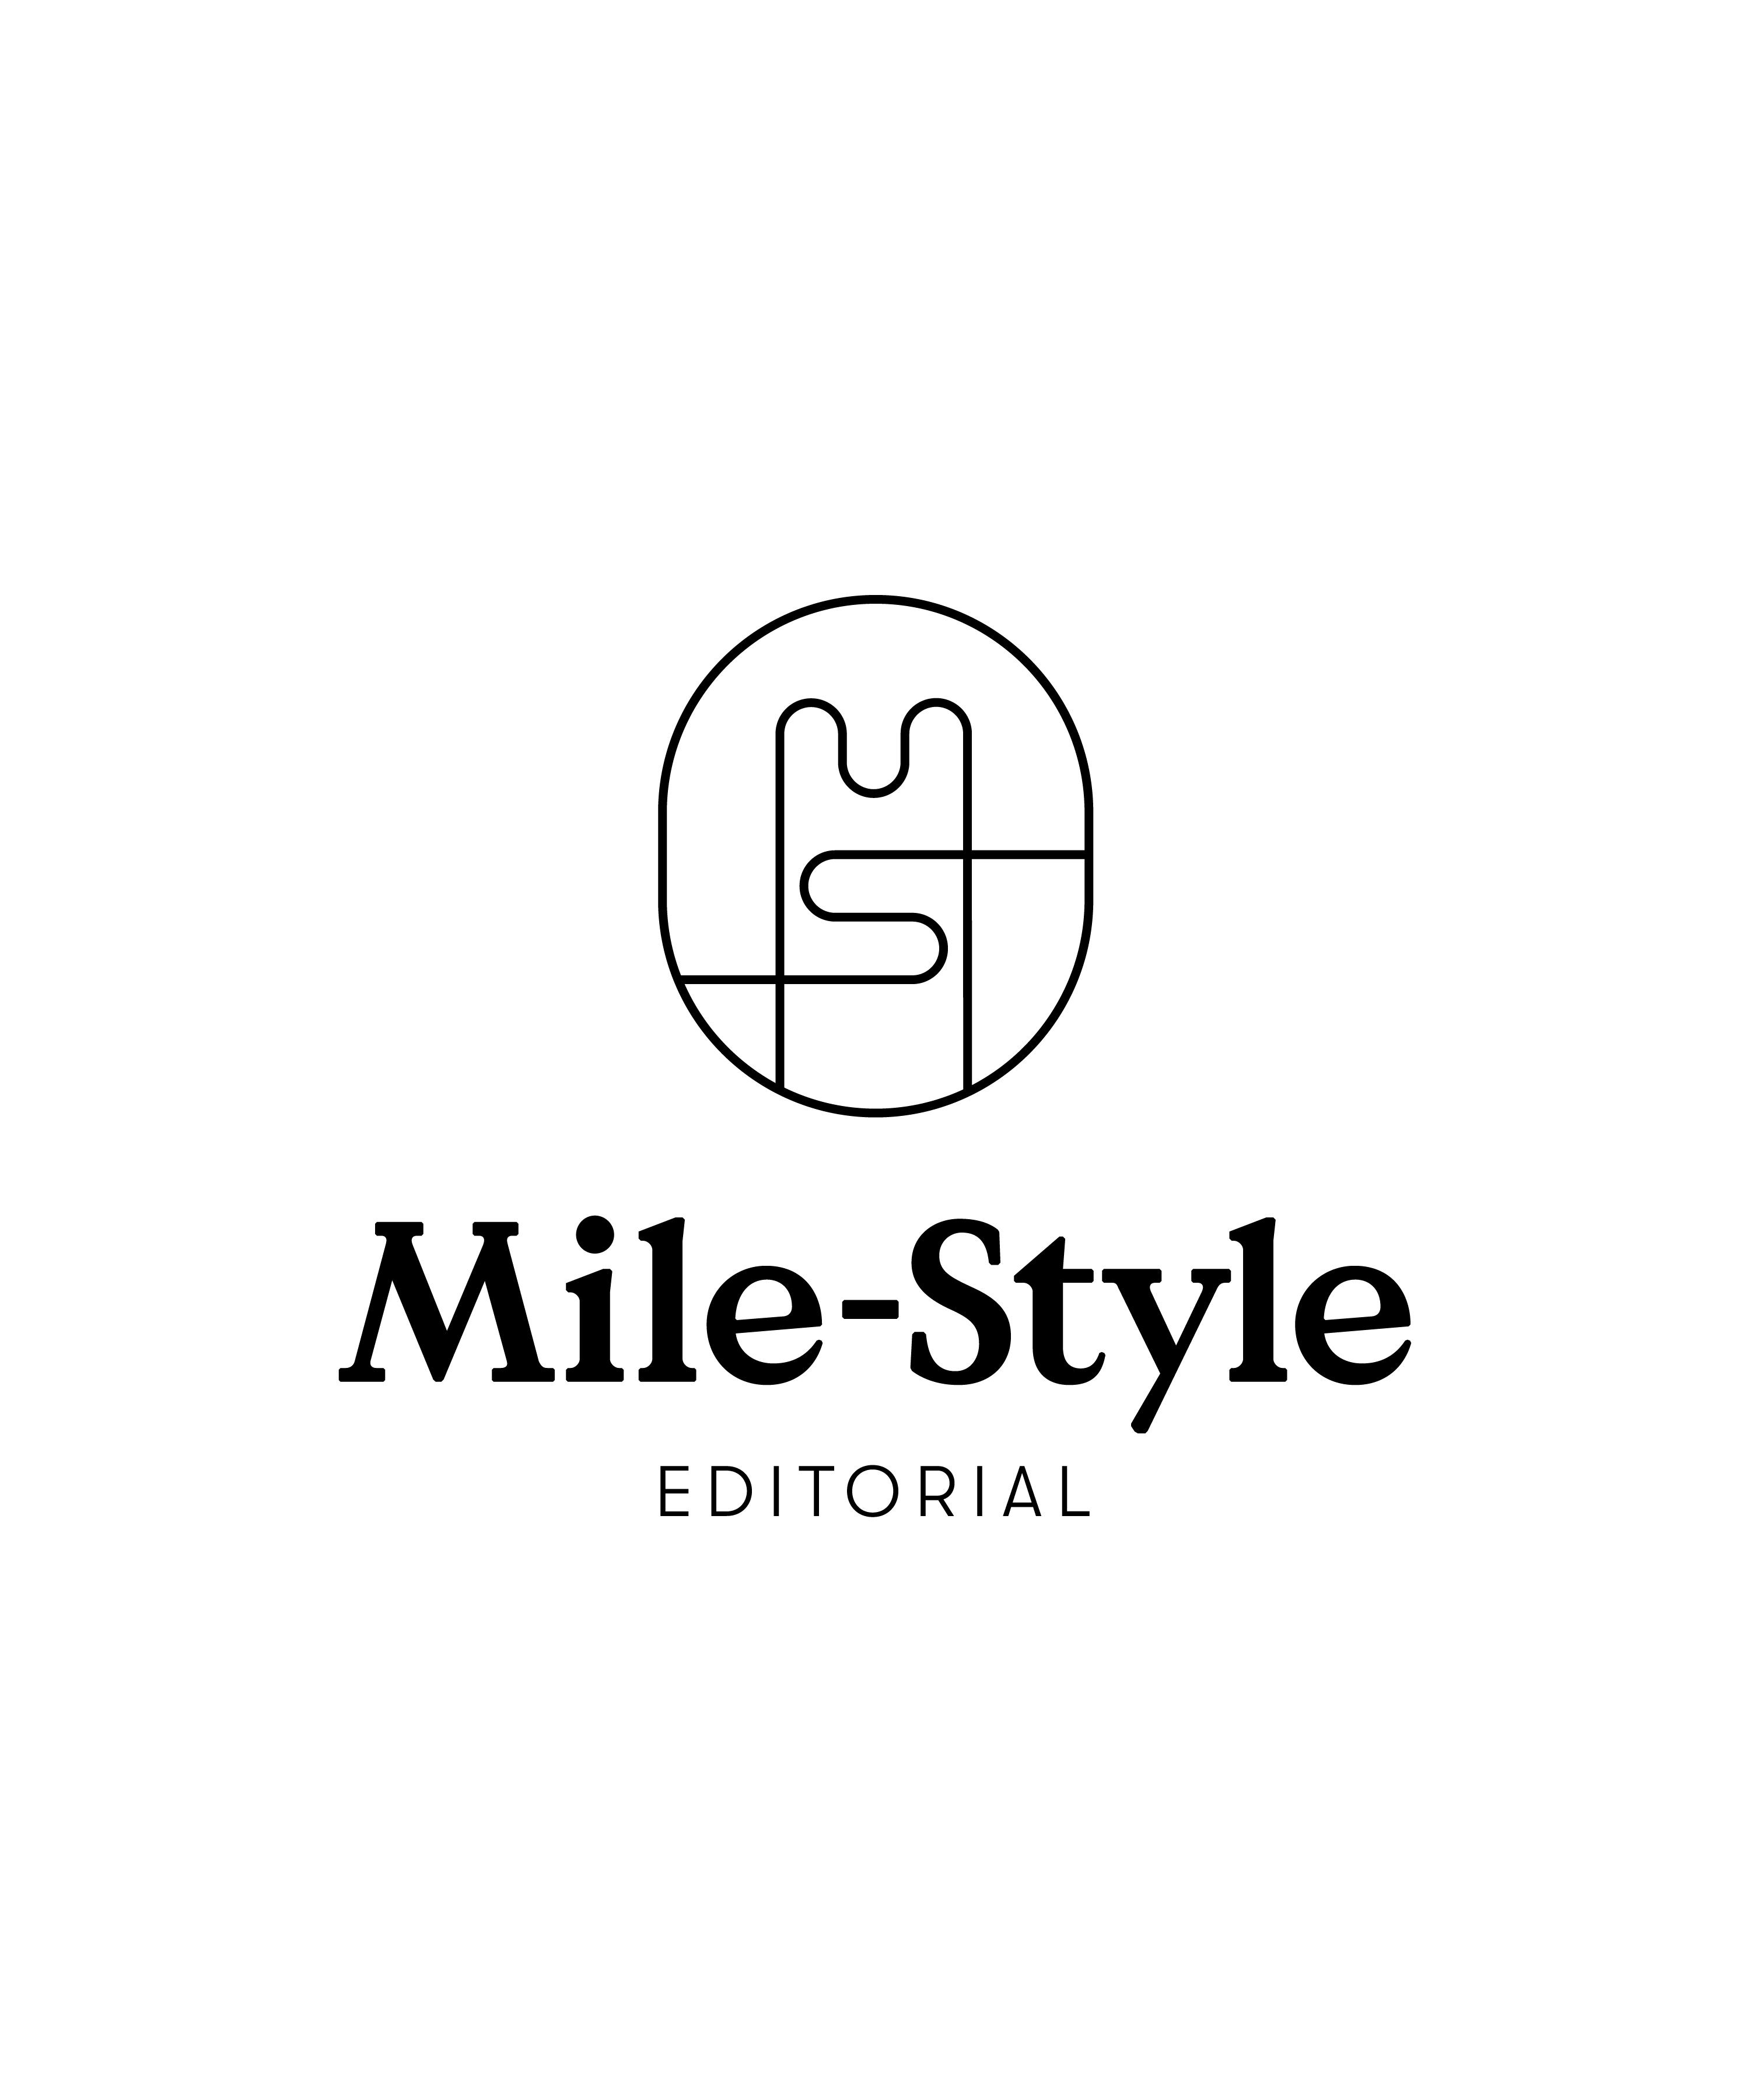 Mile_style_orig.2